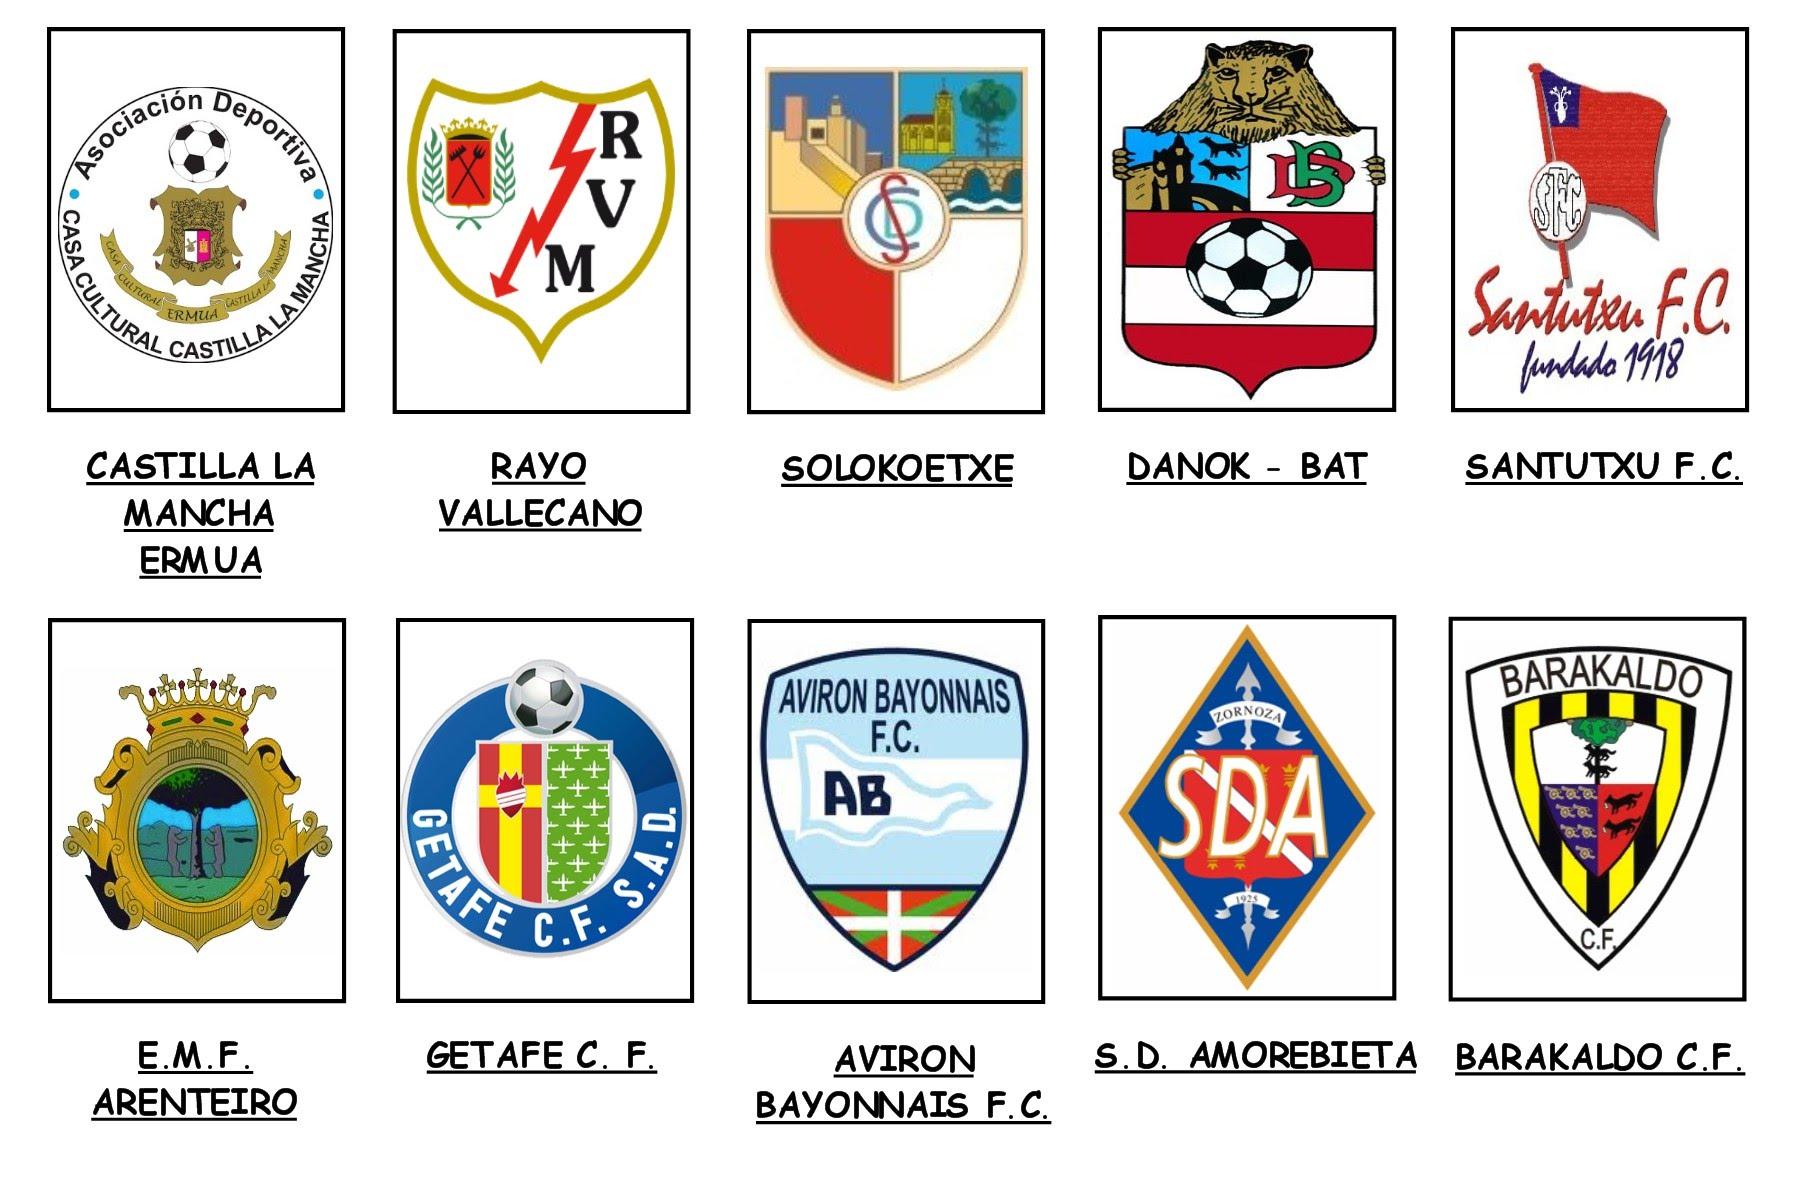 https://sites.google.com/a/castillalamanchaenermua.com/castilla-la-mancha-en-ermua/Asociacion-Deportiva-Futbol/IX-Torneo-2015/EQUIPOS%20FUTBOL%202015%20%281%29.jpg?attredirects=0